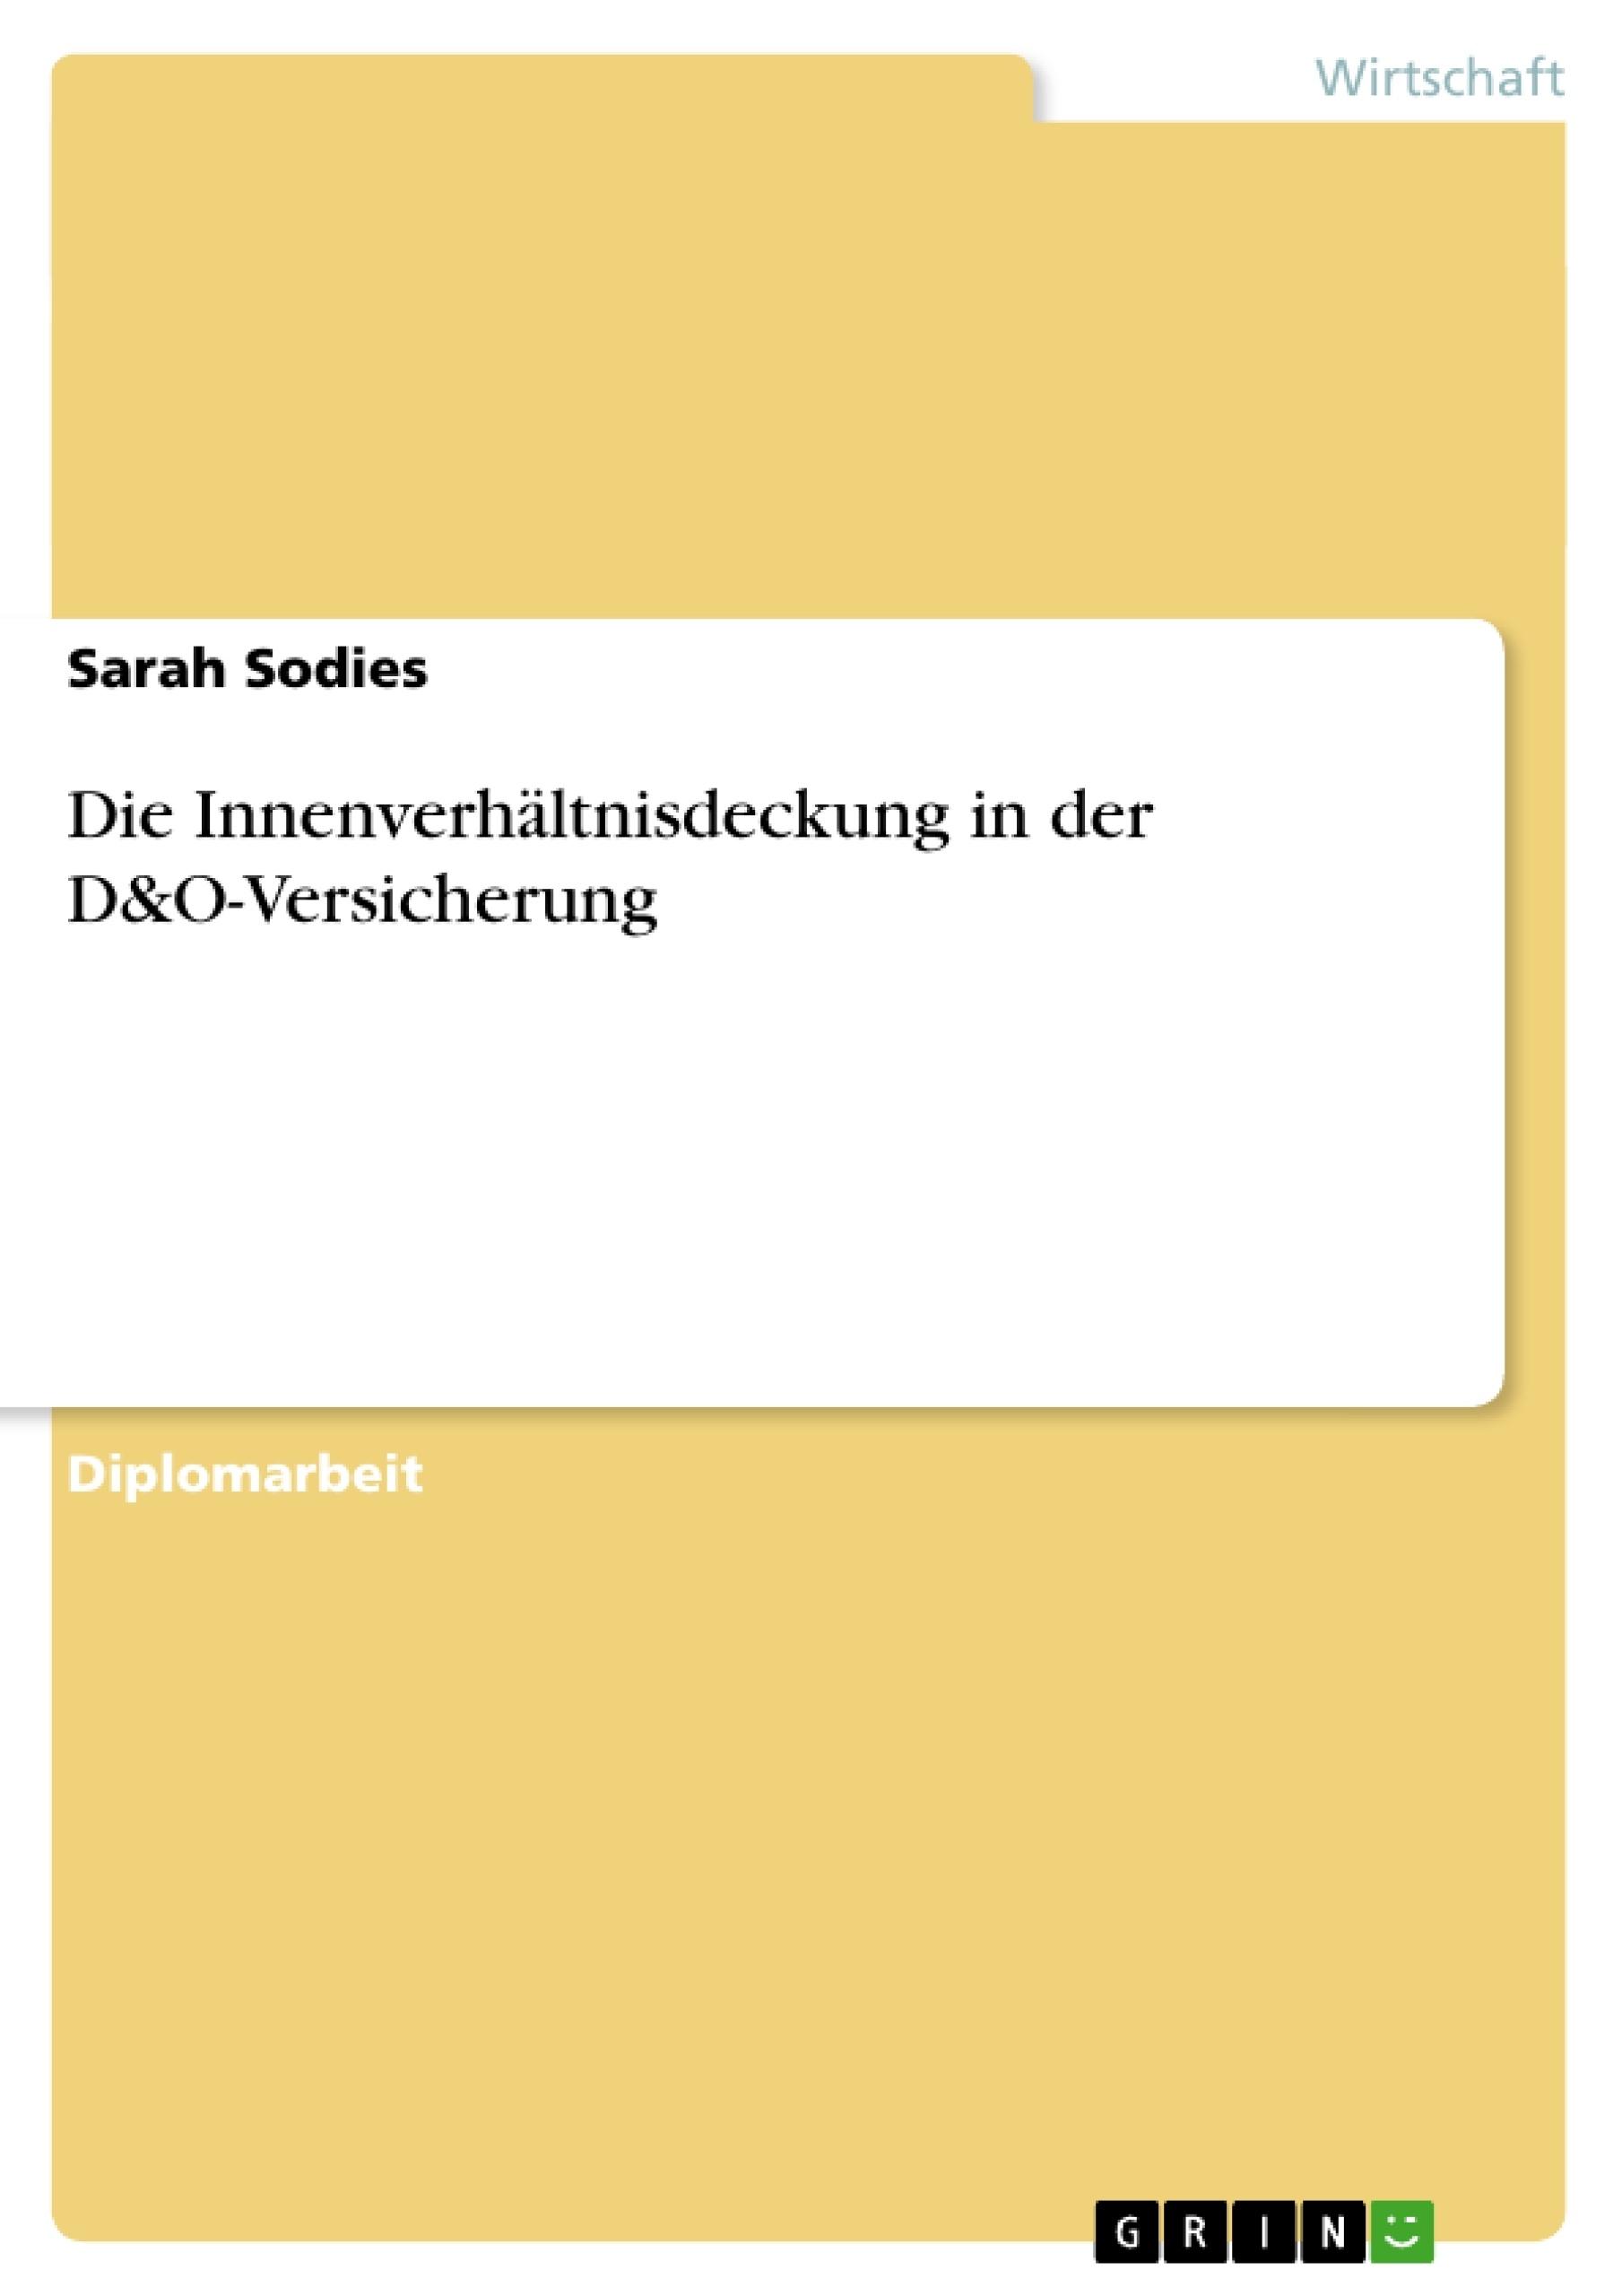 Titel: Die Innenverhältnisdeckung in der D&O-Versicherung